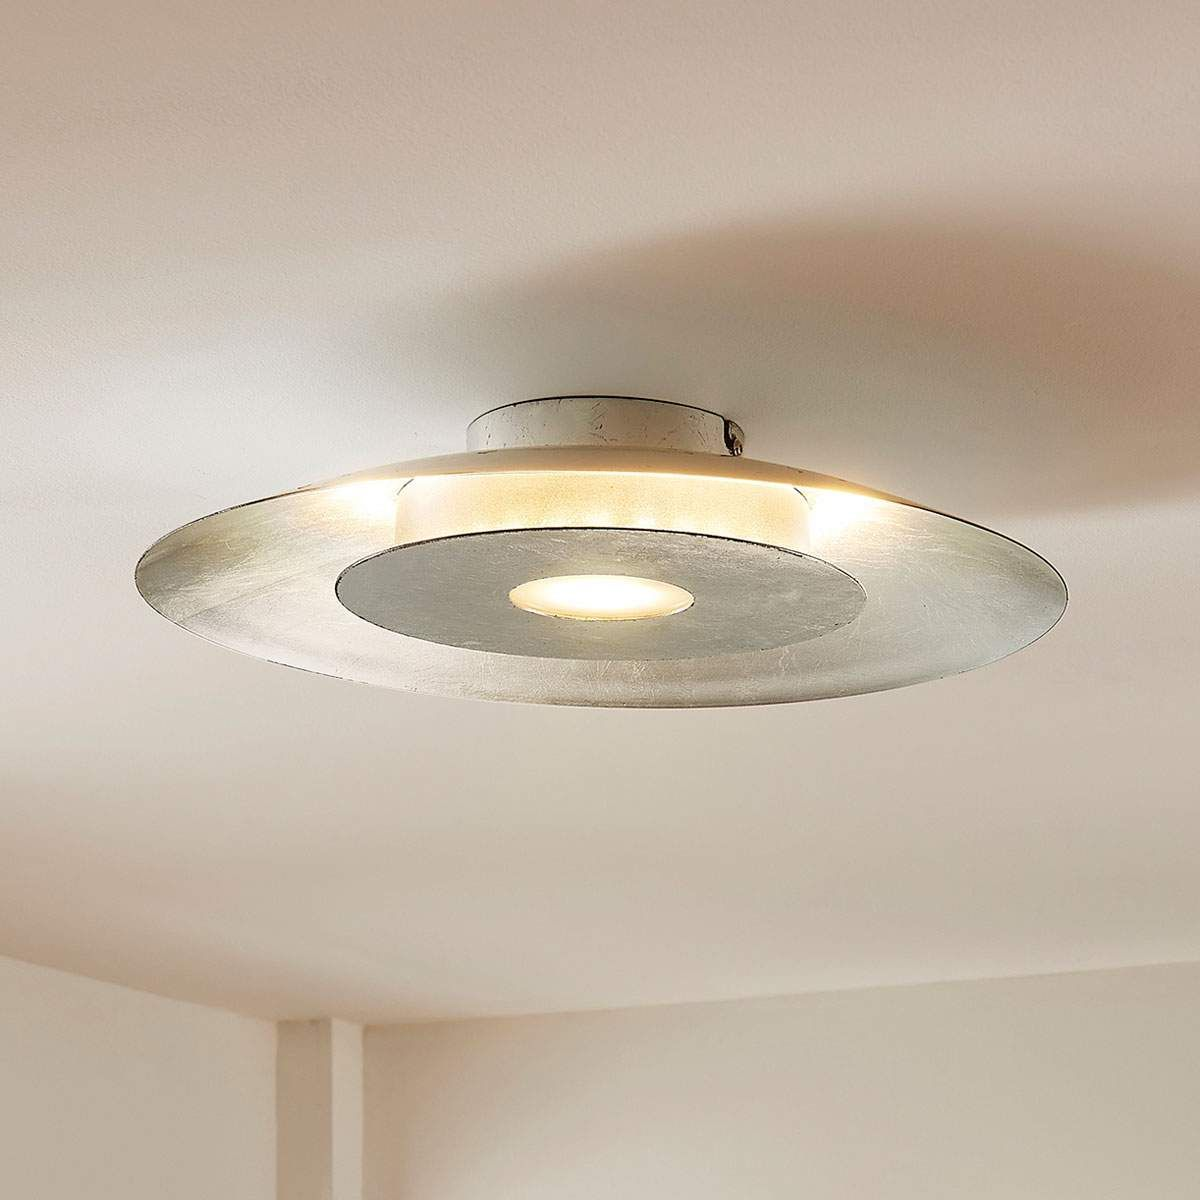 led deckenleuchte dimmbar farbwechsel  küchen deckenlampe